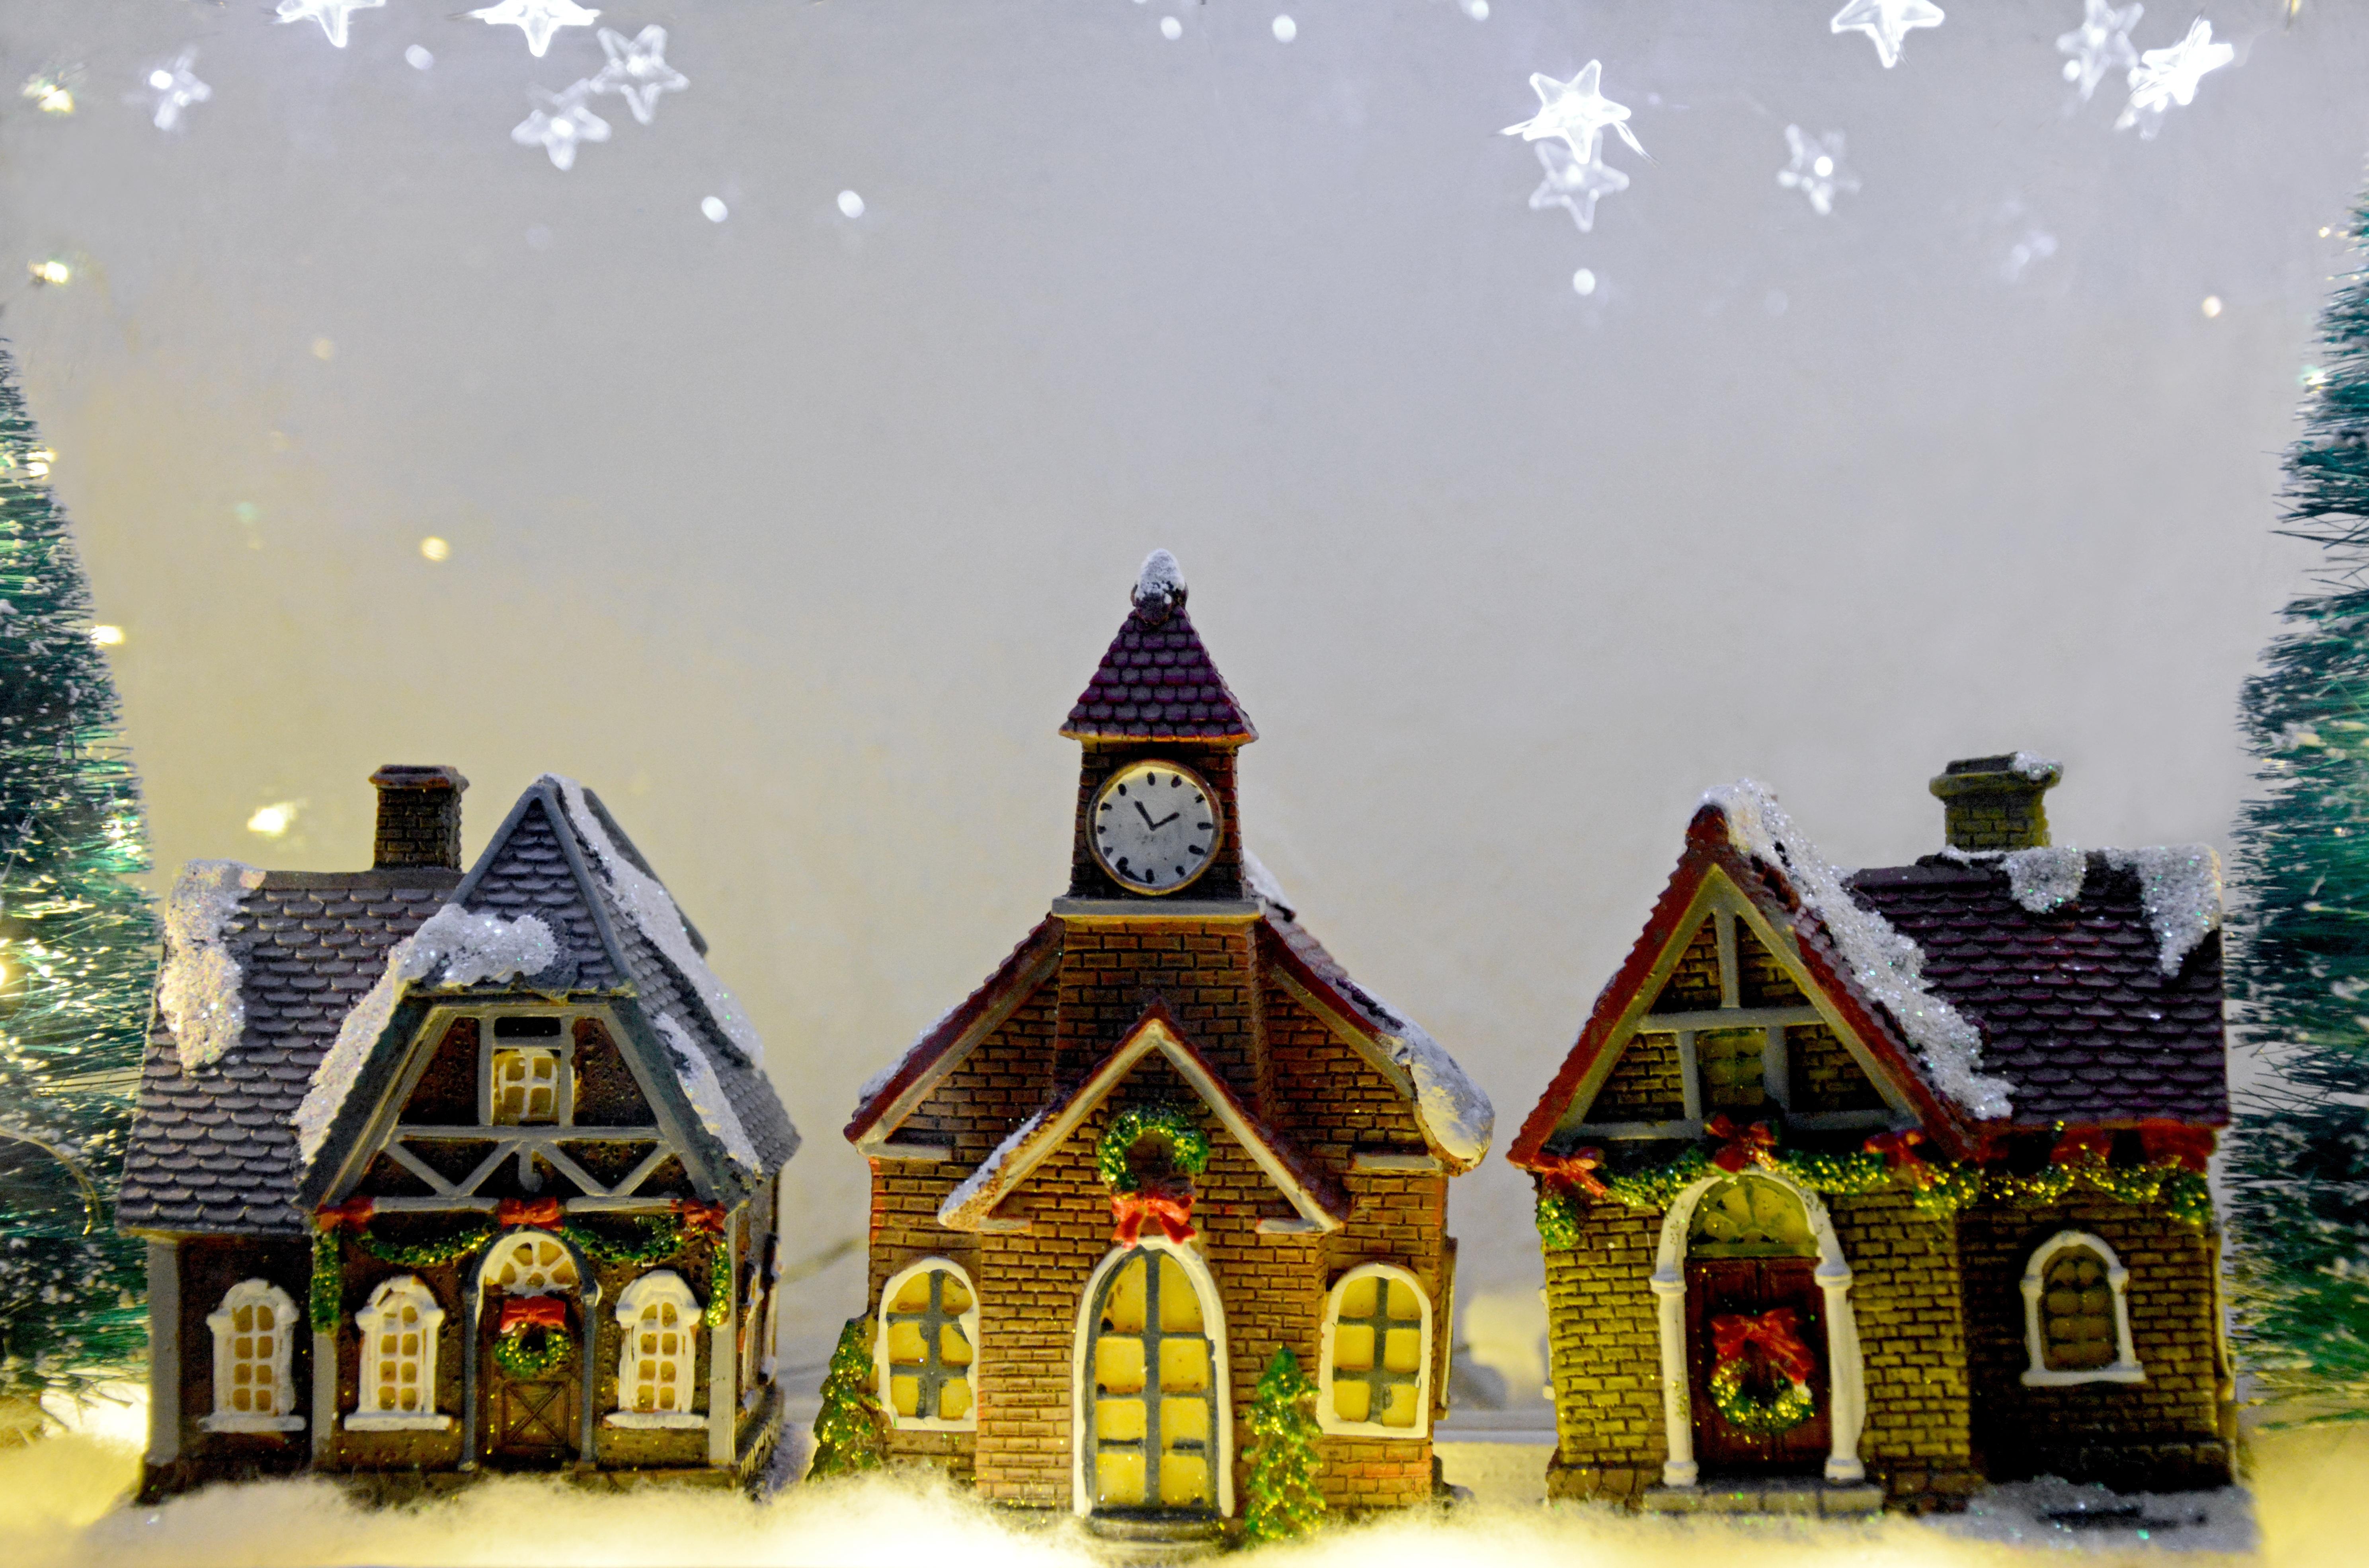 Fotos gratis : árbol, nieve, invierno, casa, estrella, pueblo ...